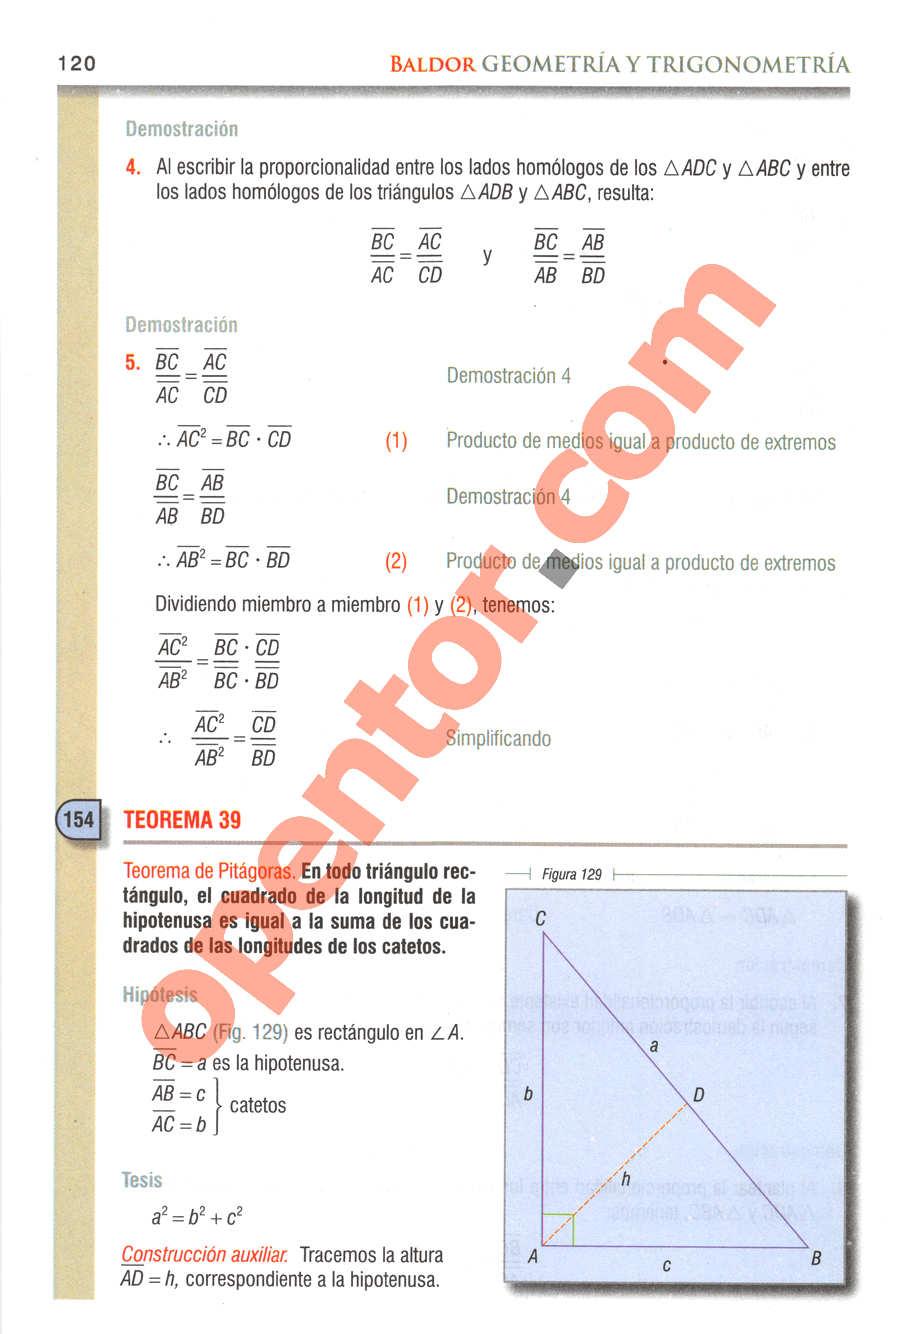 Geometría y Trigonometría de Baldor - Página 120